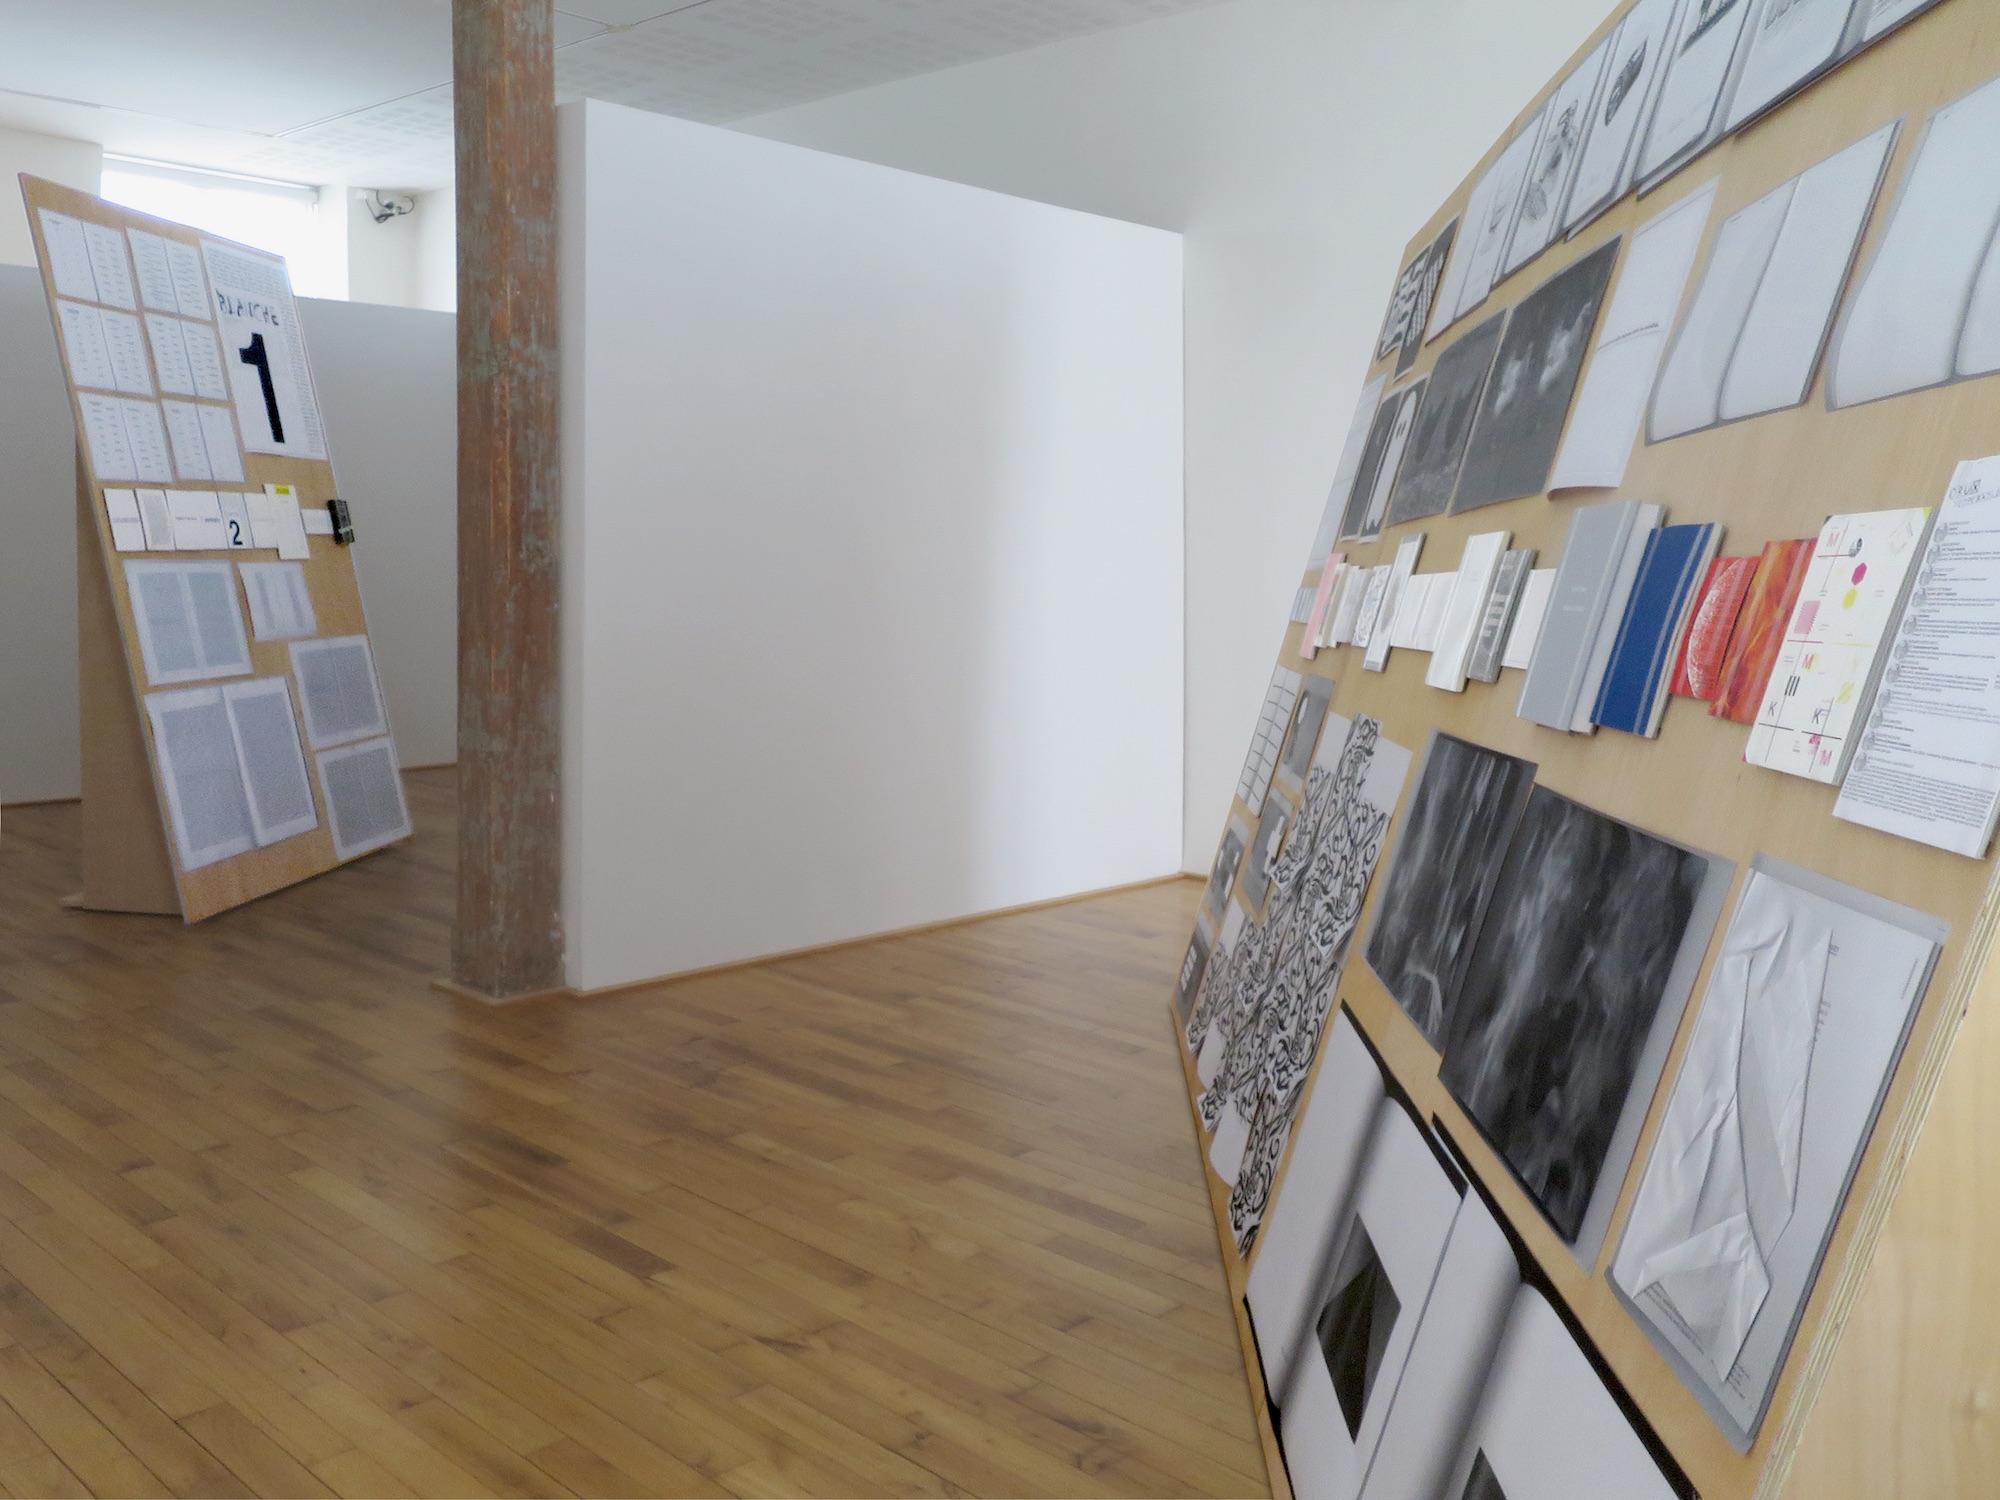 Claude Closky, 'ILUO,' Centre des livres d'artistes (CDLA), Saint-Yrieix-la-Perche. 23 June - 16 September 2017. Curated by Christian Lebrat, Didier Mathieu. Salle 2, salle 1.jpg